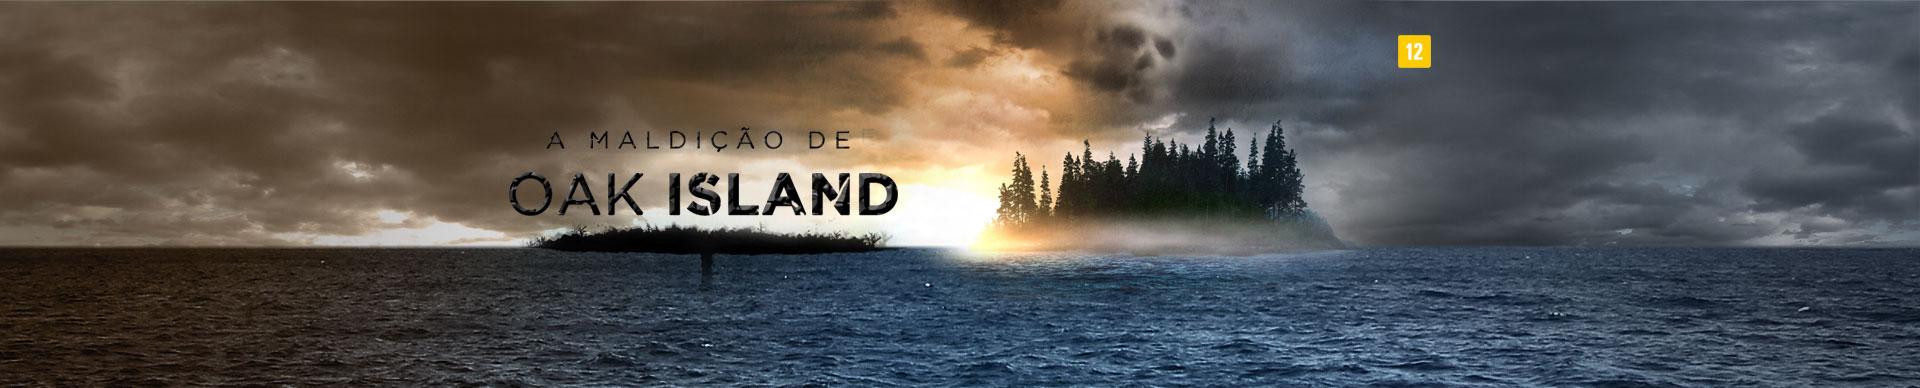 A MALDIÇÃO DE OAK ISLAND